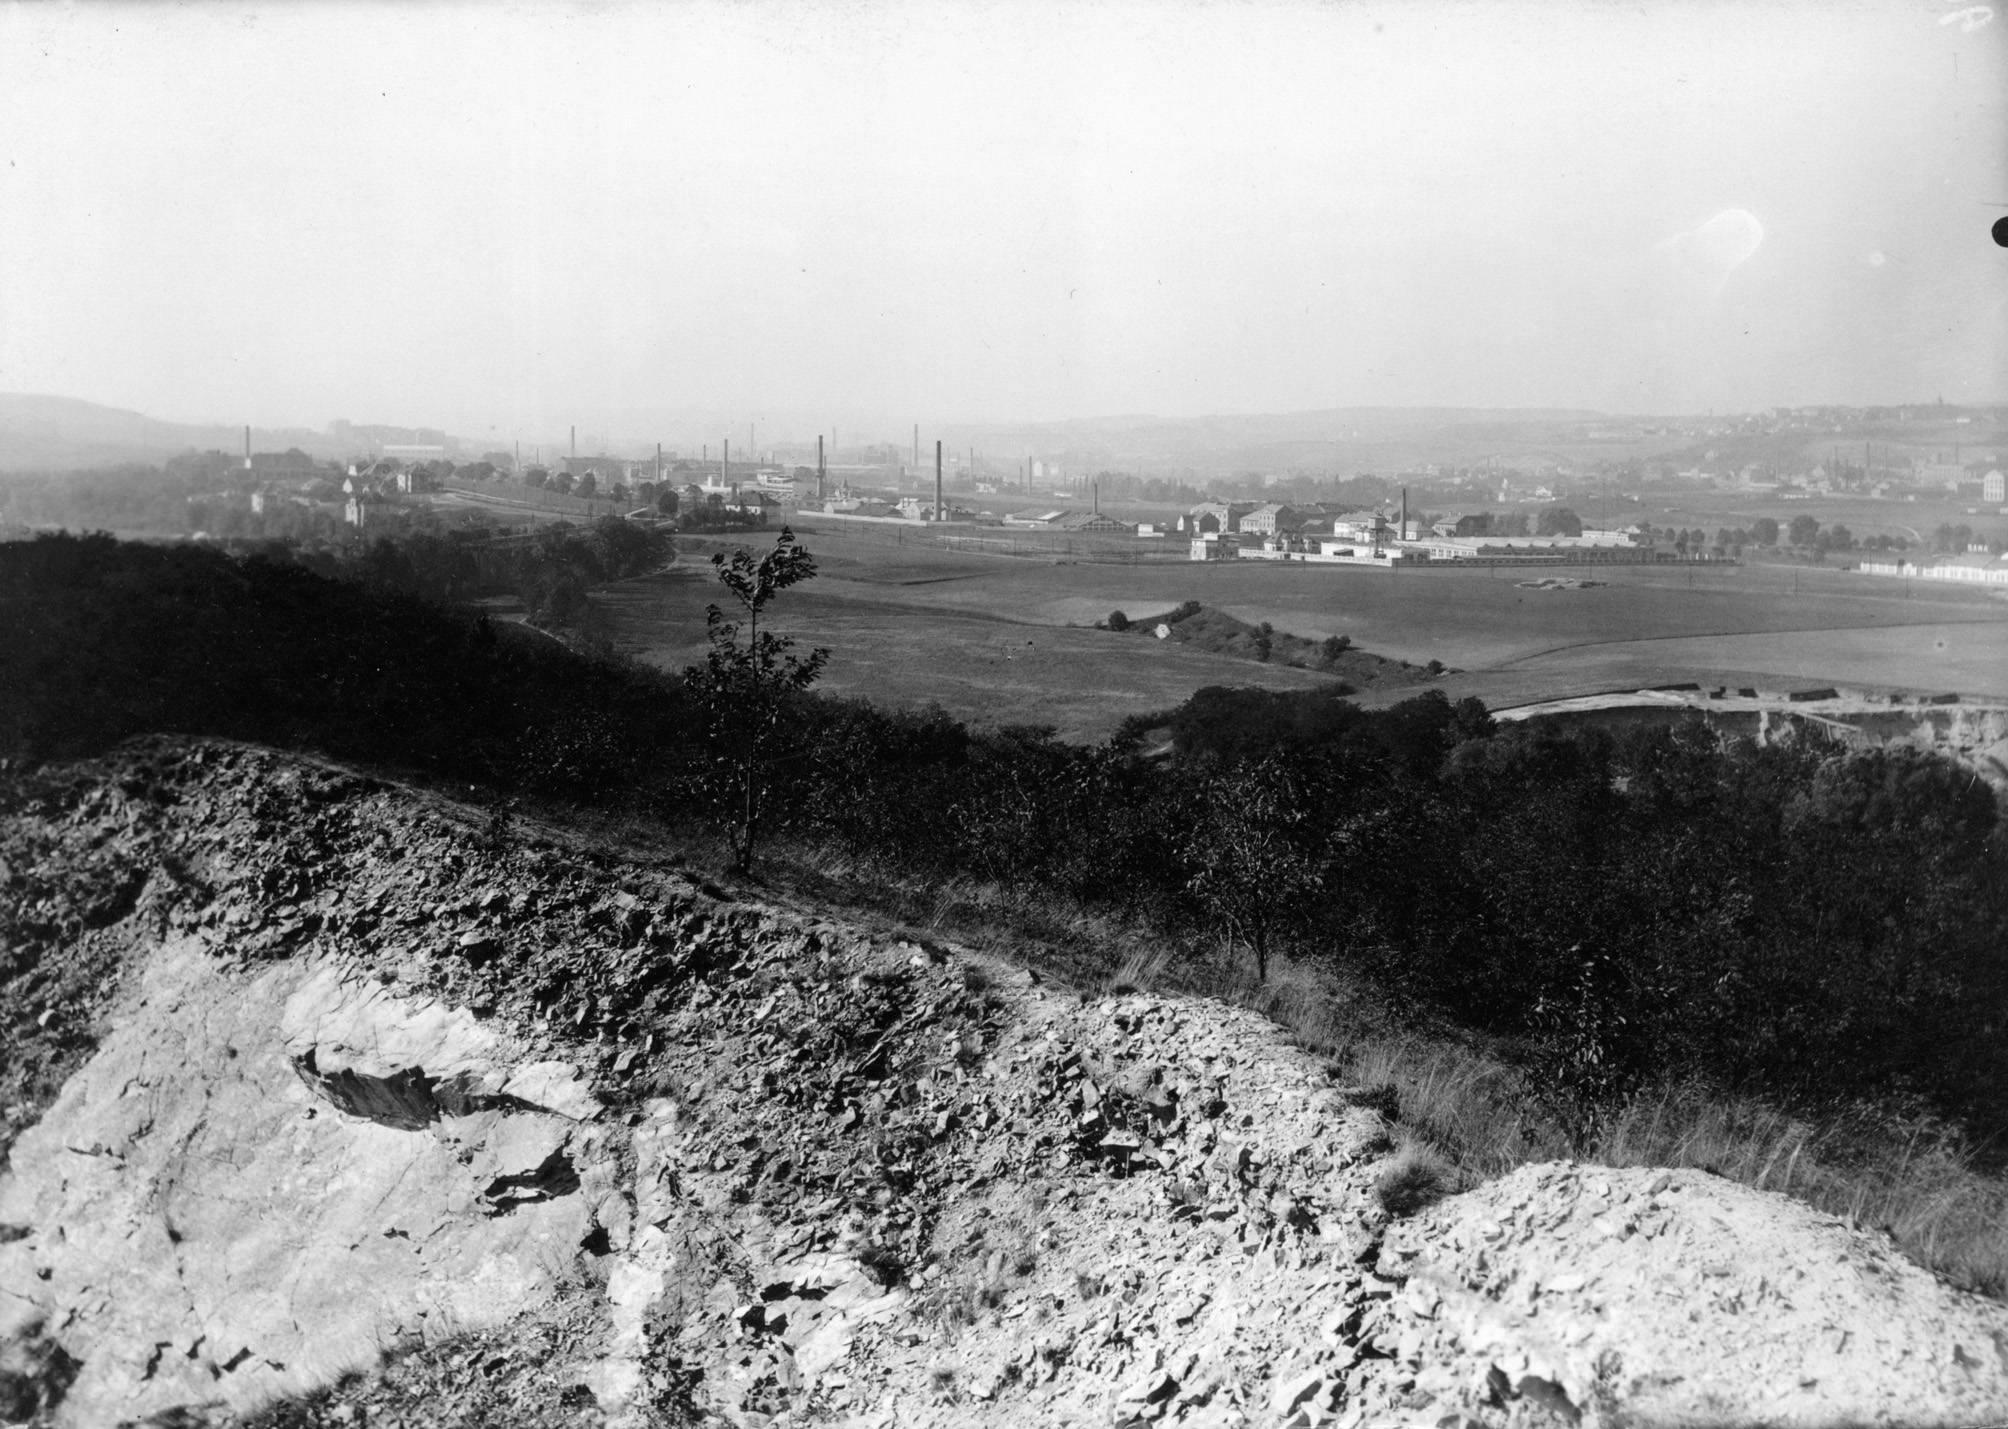 Navazující snímek ukazuje široké rovinaté údolí Rokytky mezi Hloubětínem a Vysočany. Na obzoru je již patrná rychle se rozvíjející průmyslová zástavba, která někdejší úrodnou zemědělskou krajinu ve 20.století pohltila. - popisky sepsal architekt Petr Kučera